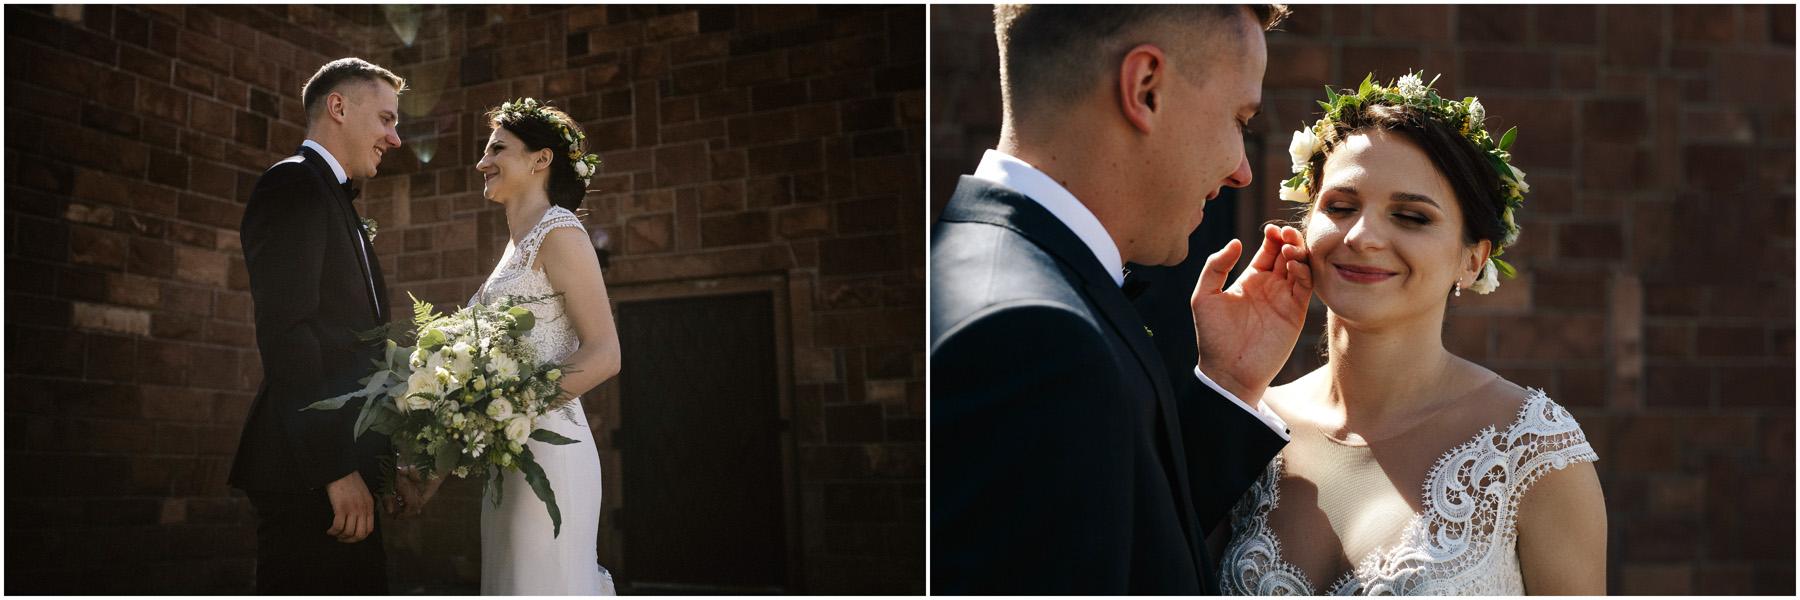 Ewa & Mateusz | leśny ślub w Uroczysku 43